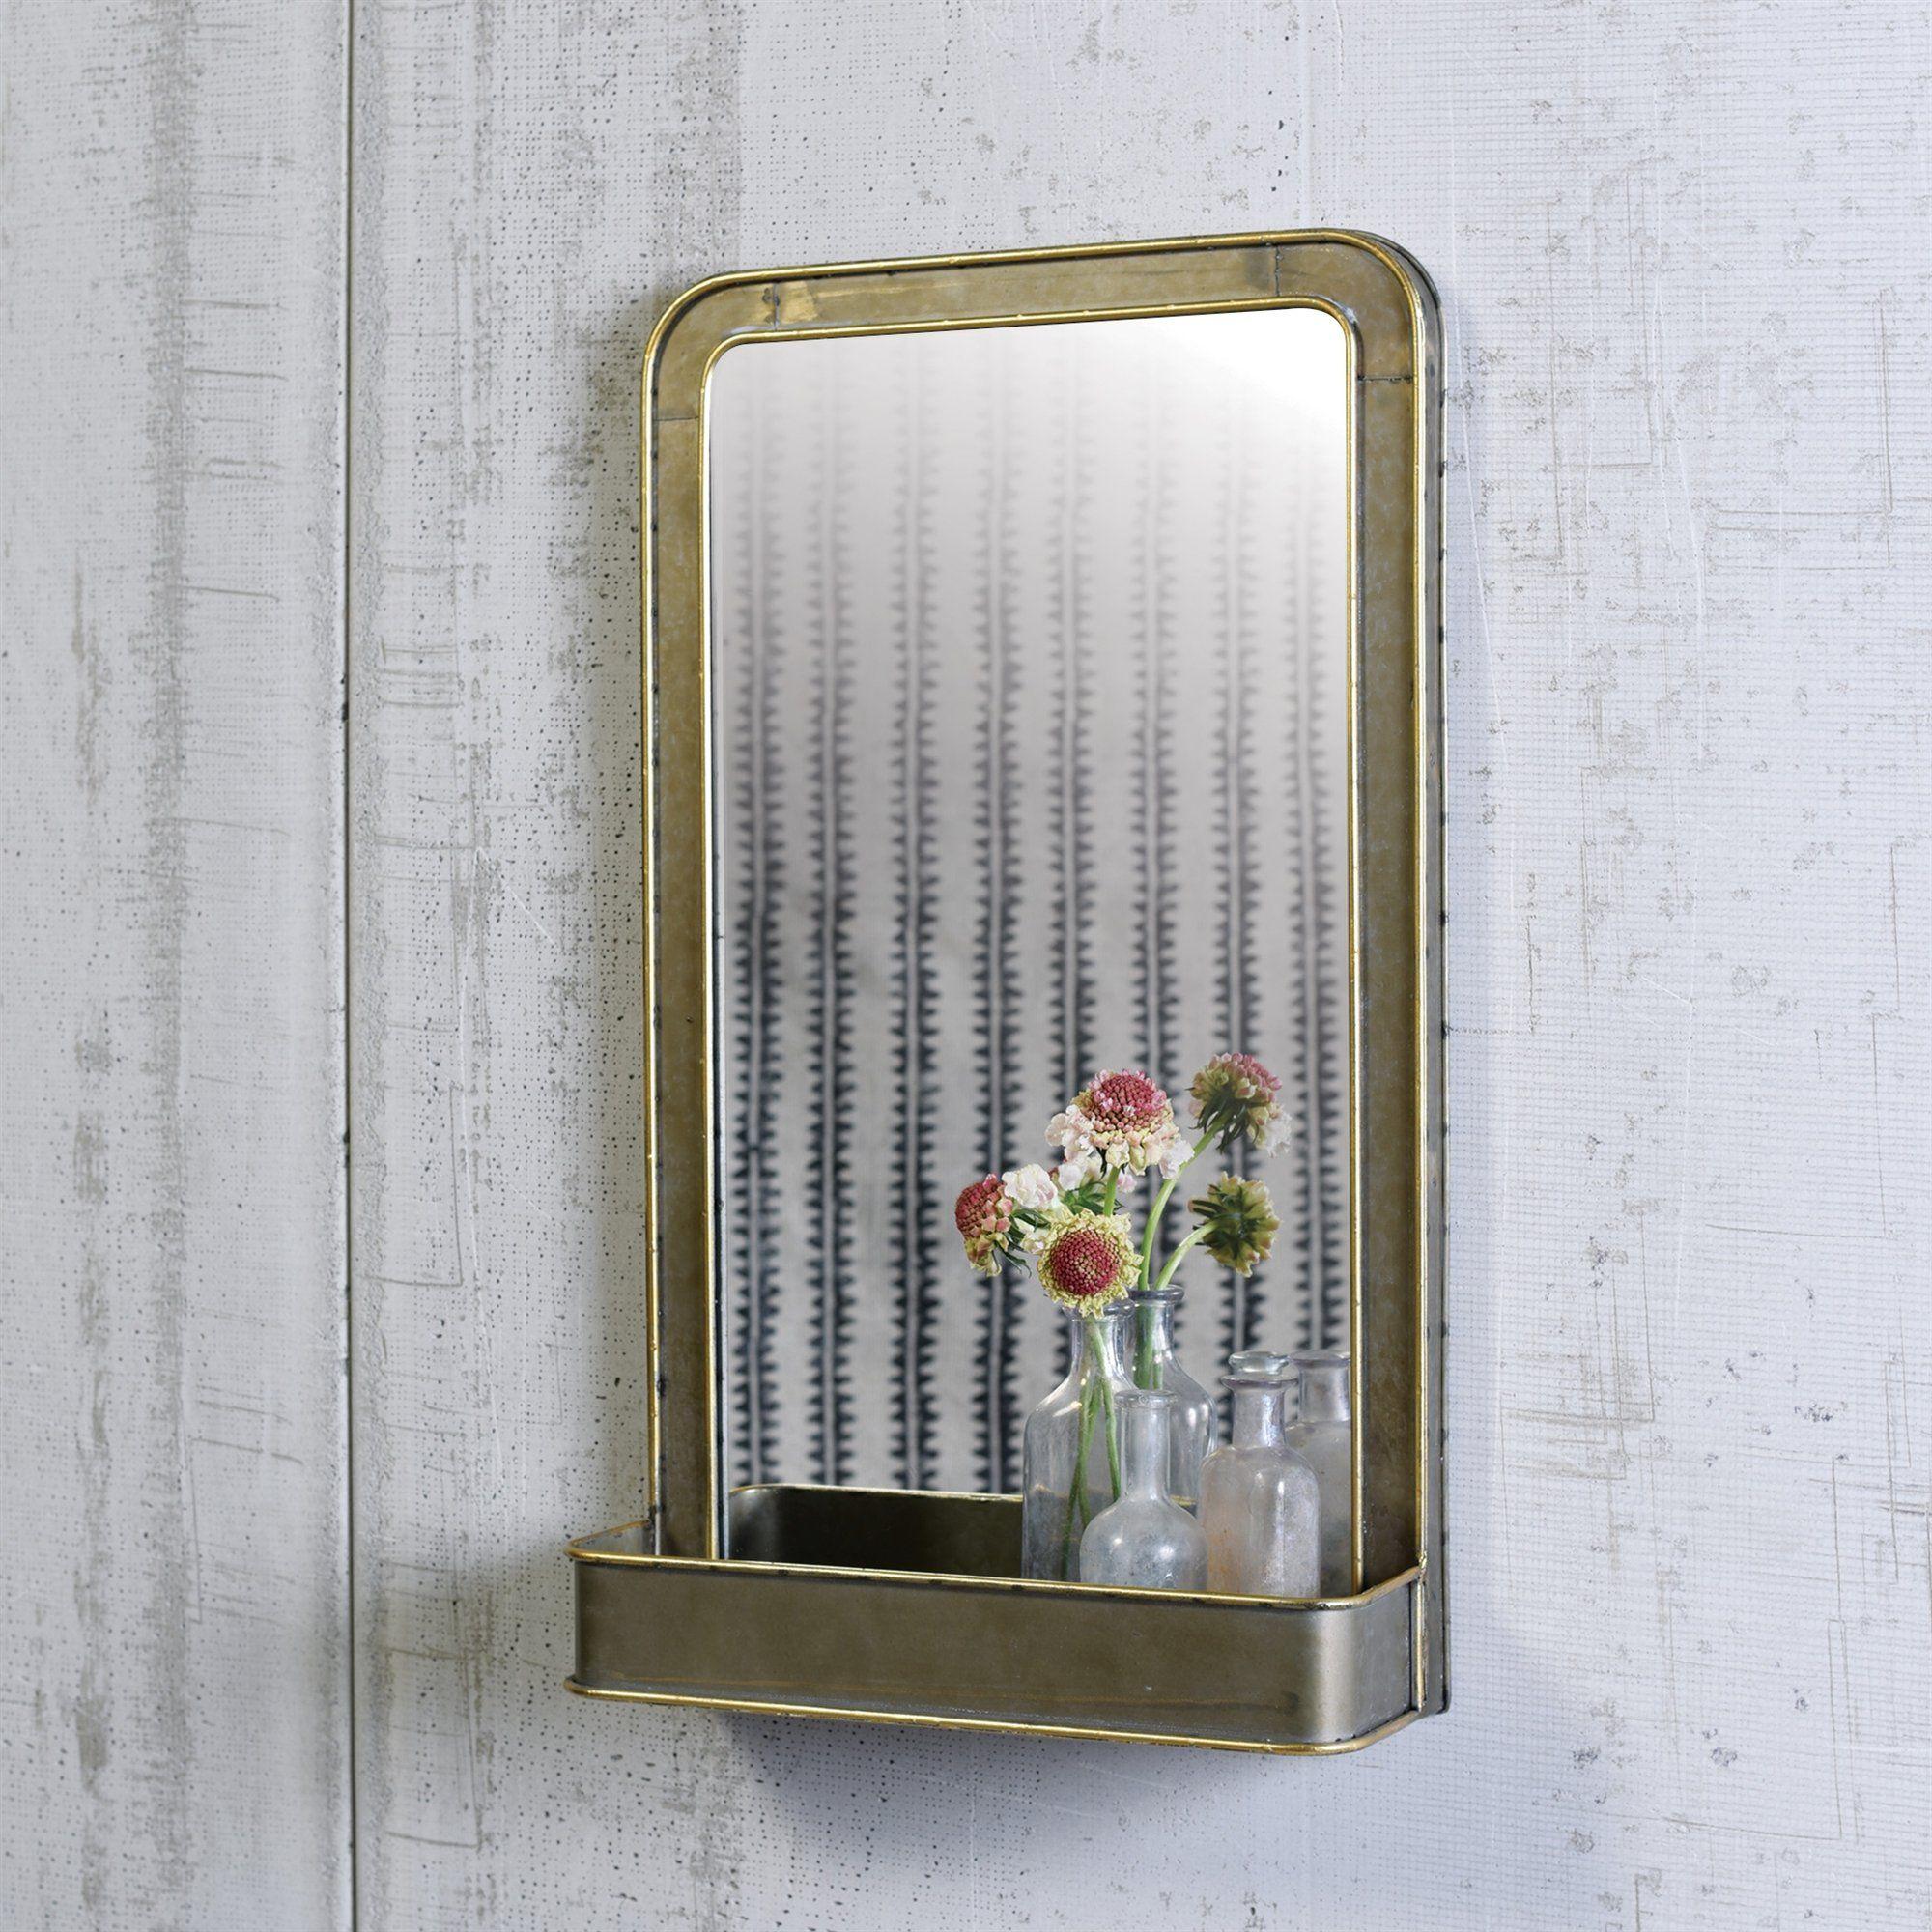 Galvanized Metal Archer Mirror With Shelf In 2021 Mirror With Shelf Metal Shelves Wall Mirror With Shelf